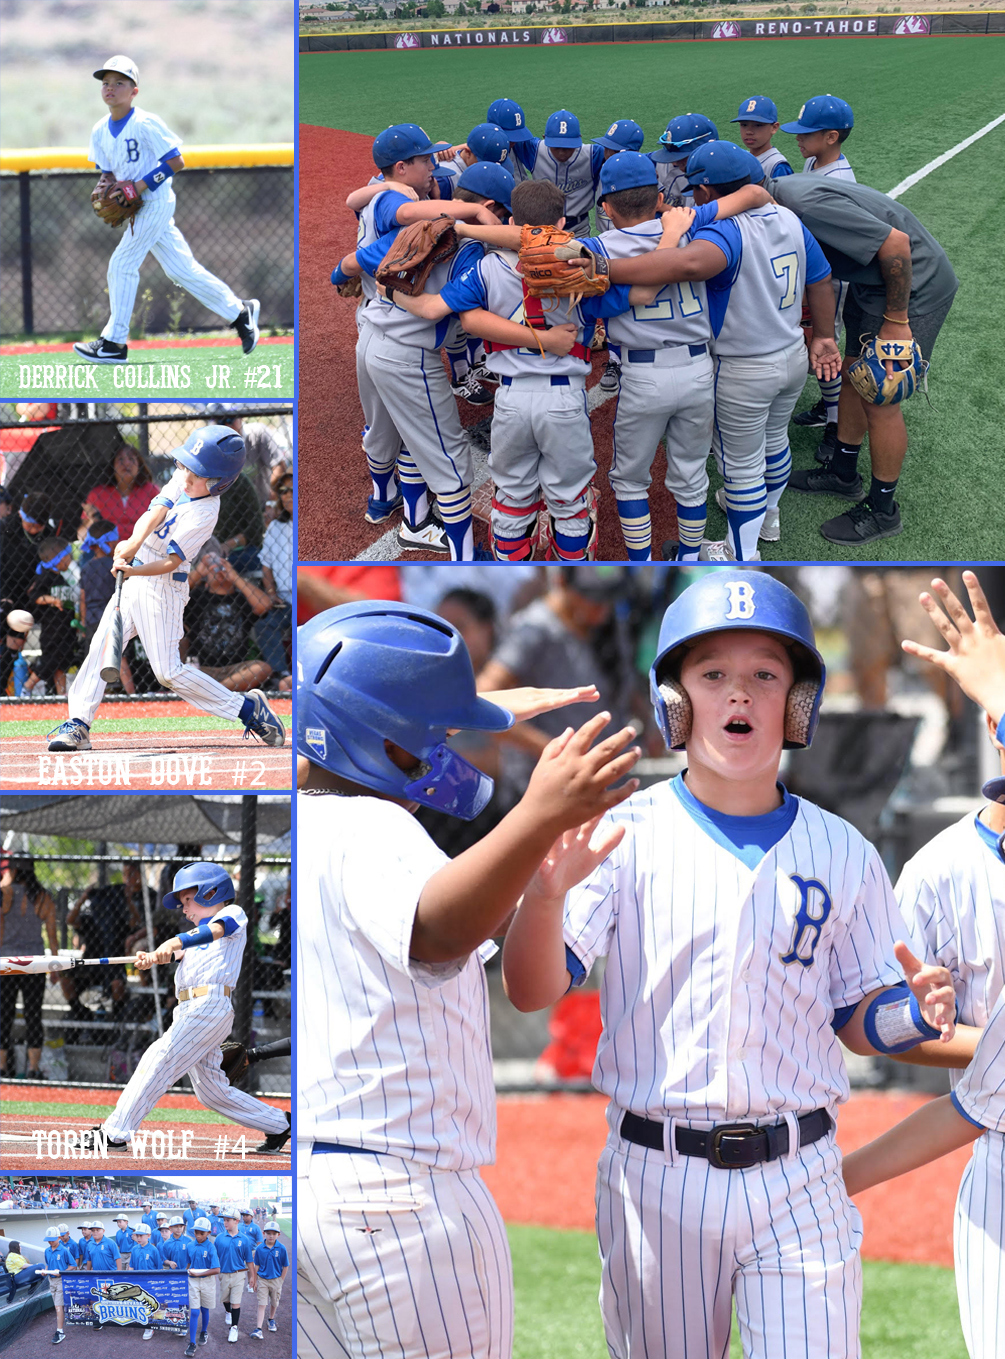 http://www.snbruins.com/wp-content/uploads/2019/07/las-vegas-baseball-bruins.jpg